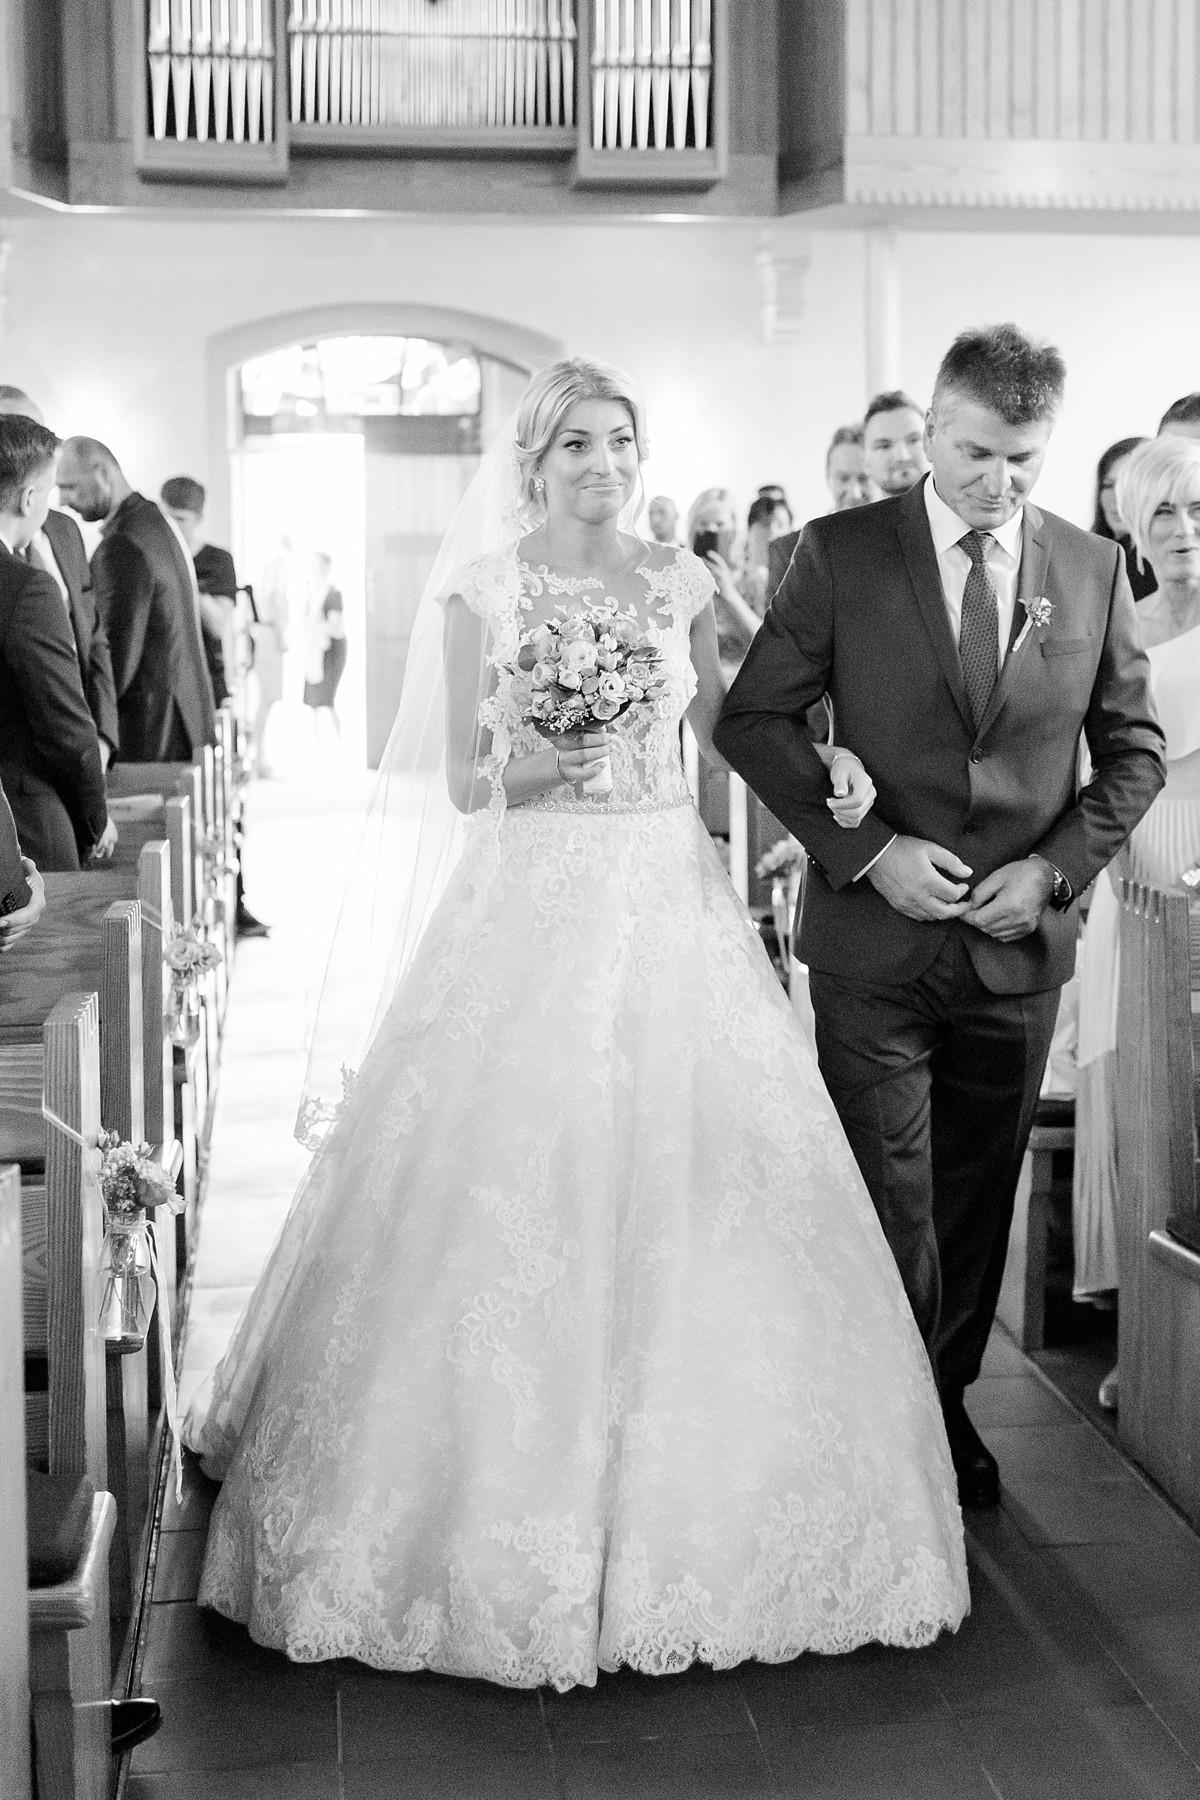 Hochzeitsfotograf-Herford-van-Laer-Fotograf-Hochzeit-Nrw_0028